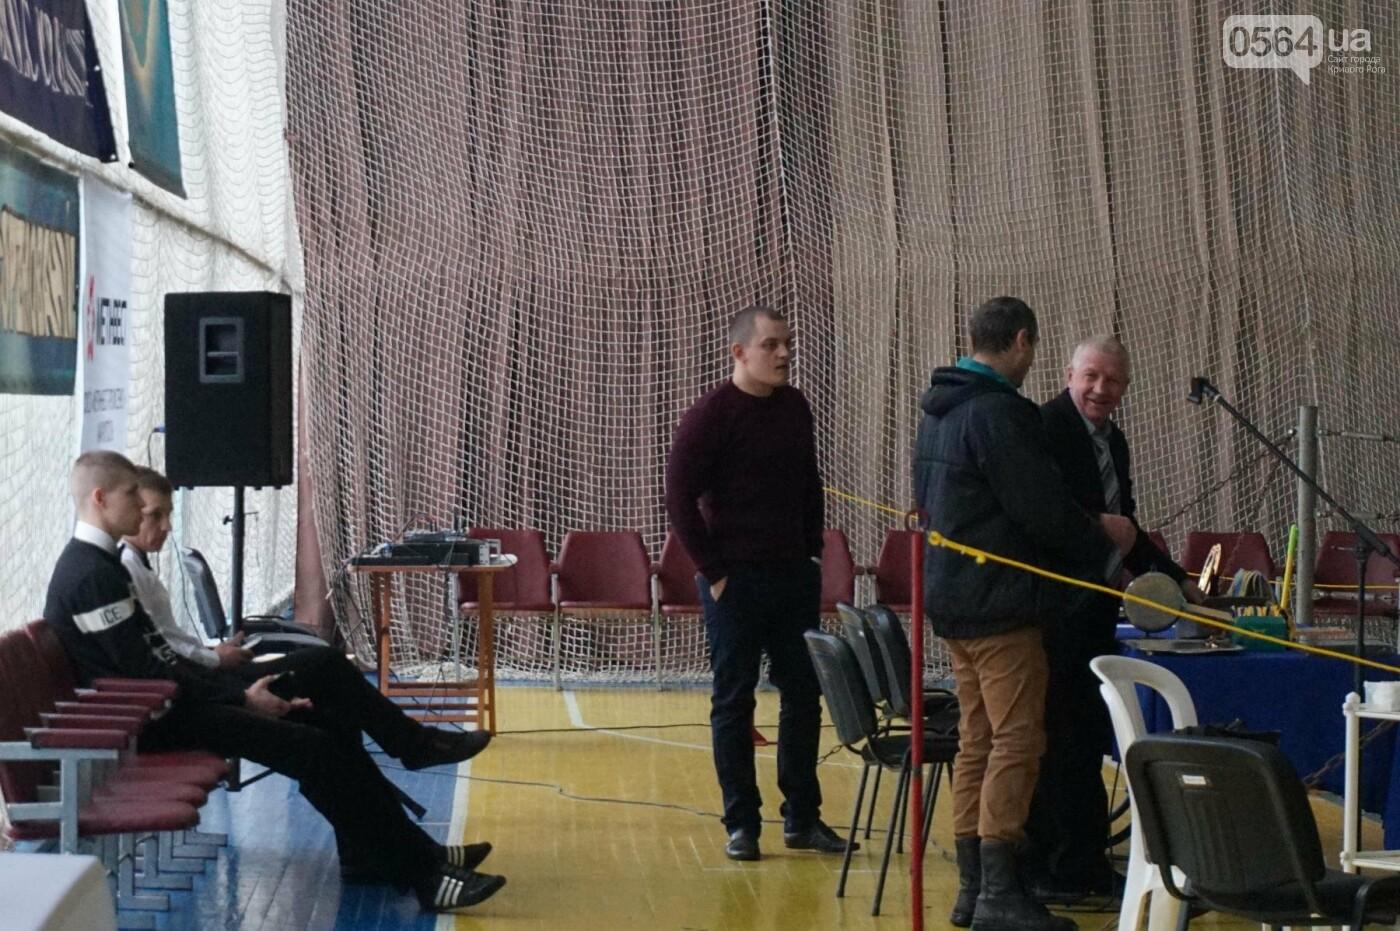 В Кривом Роге состоялся Международный турнир по боксу (ФОТО, ВИДЕО), фото-55